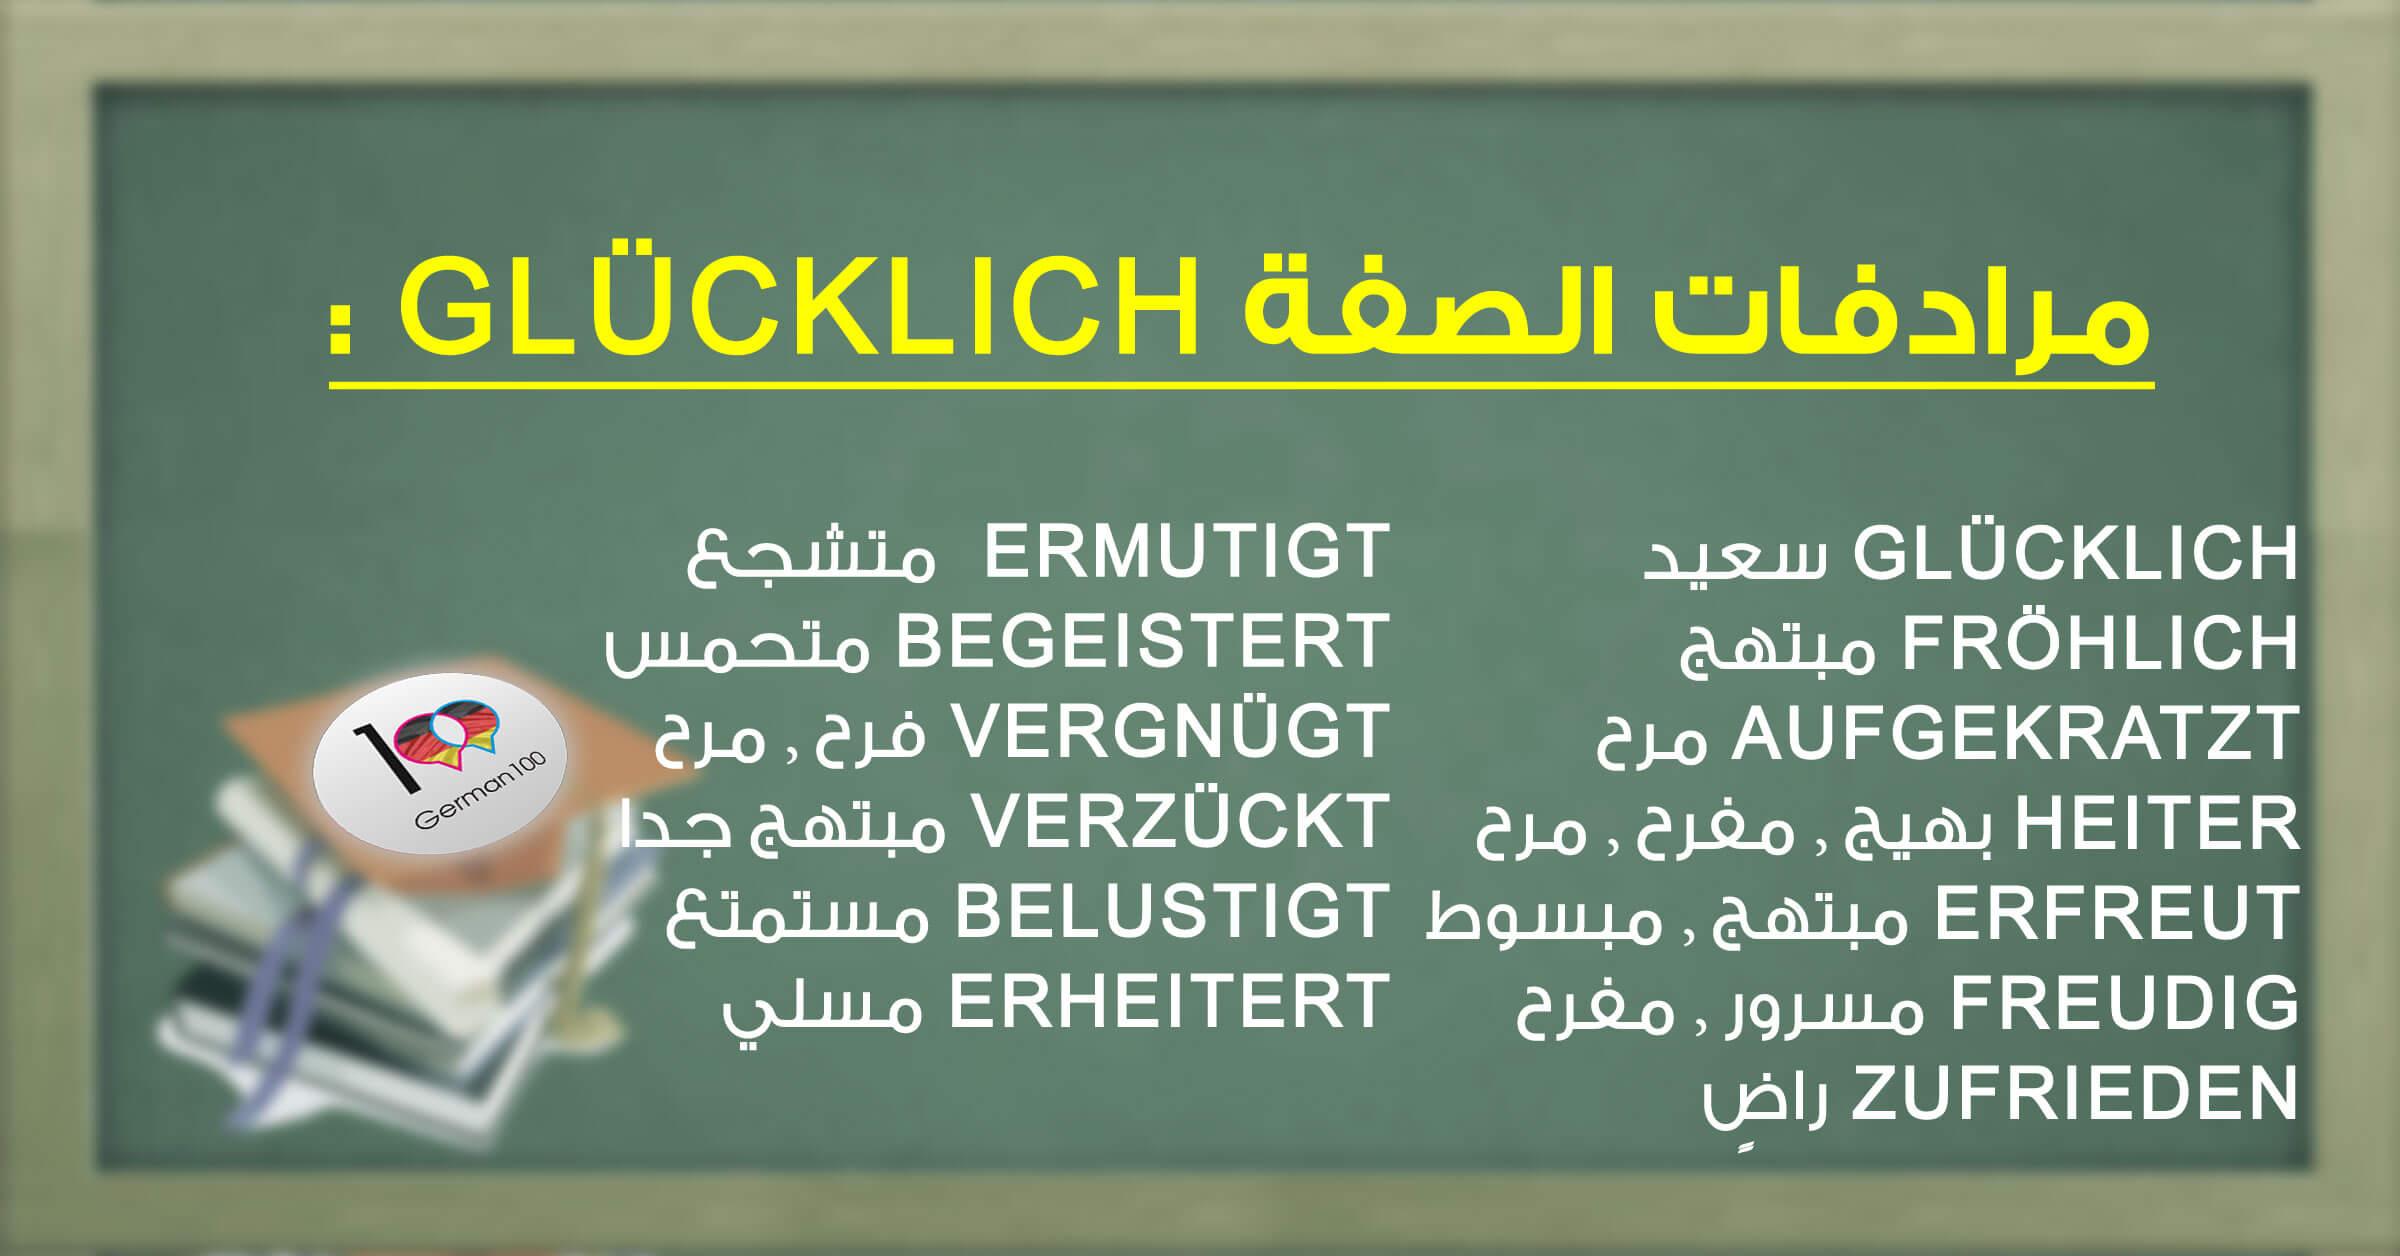 مرادفات الصفة Glücklich - تعلم اللغة الالمانية Glücklich 1 تعلم اللغة الالمانية